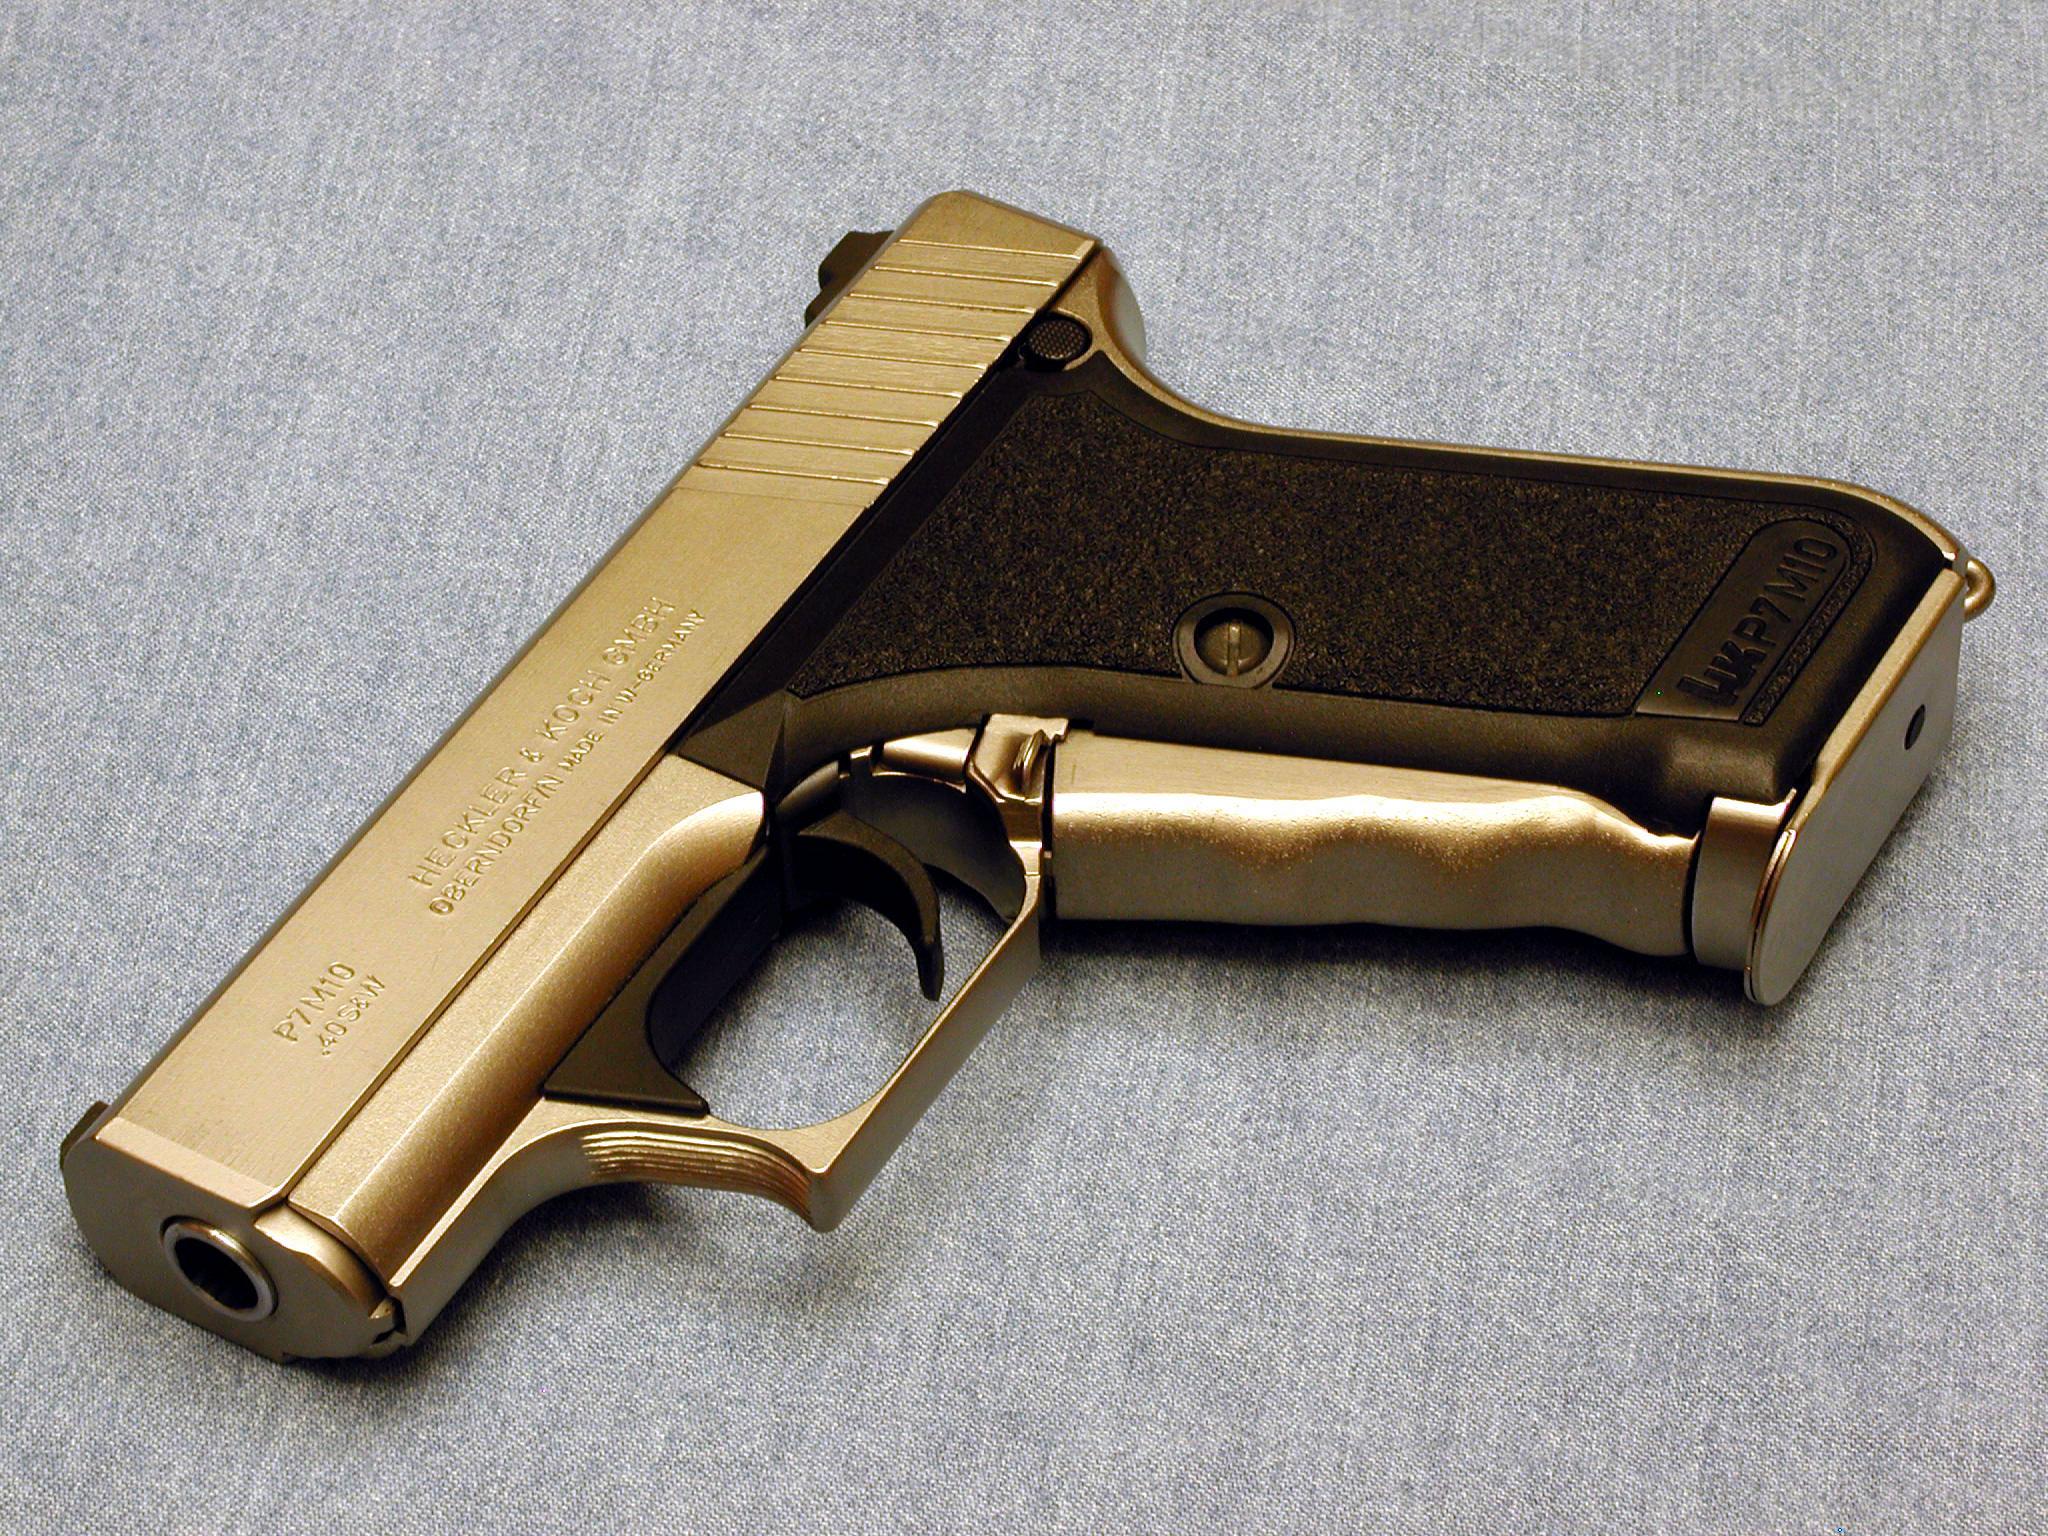 Pistol 3d Wallpaper Heckler Amp Koch Pistol Full Hd Wallpaper And Background